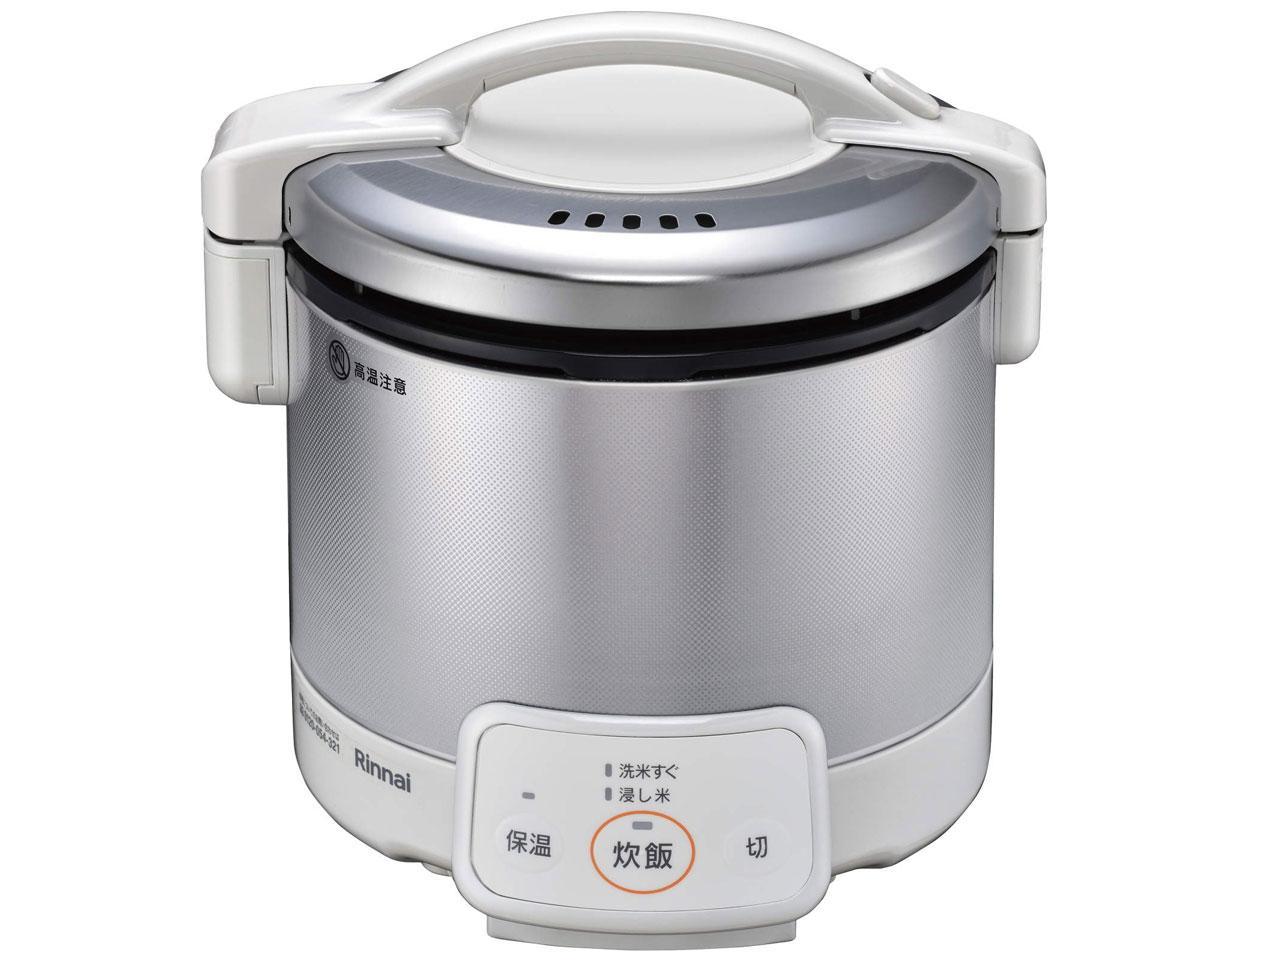 RR-030VQ(W) 13A RR-030VQ(W) 13A ガス炊飯器【smtb-s】, コレクション新宿:3b0f8b87 --- officewill.xsrv.jp